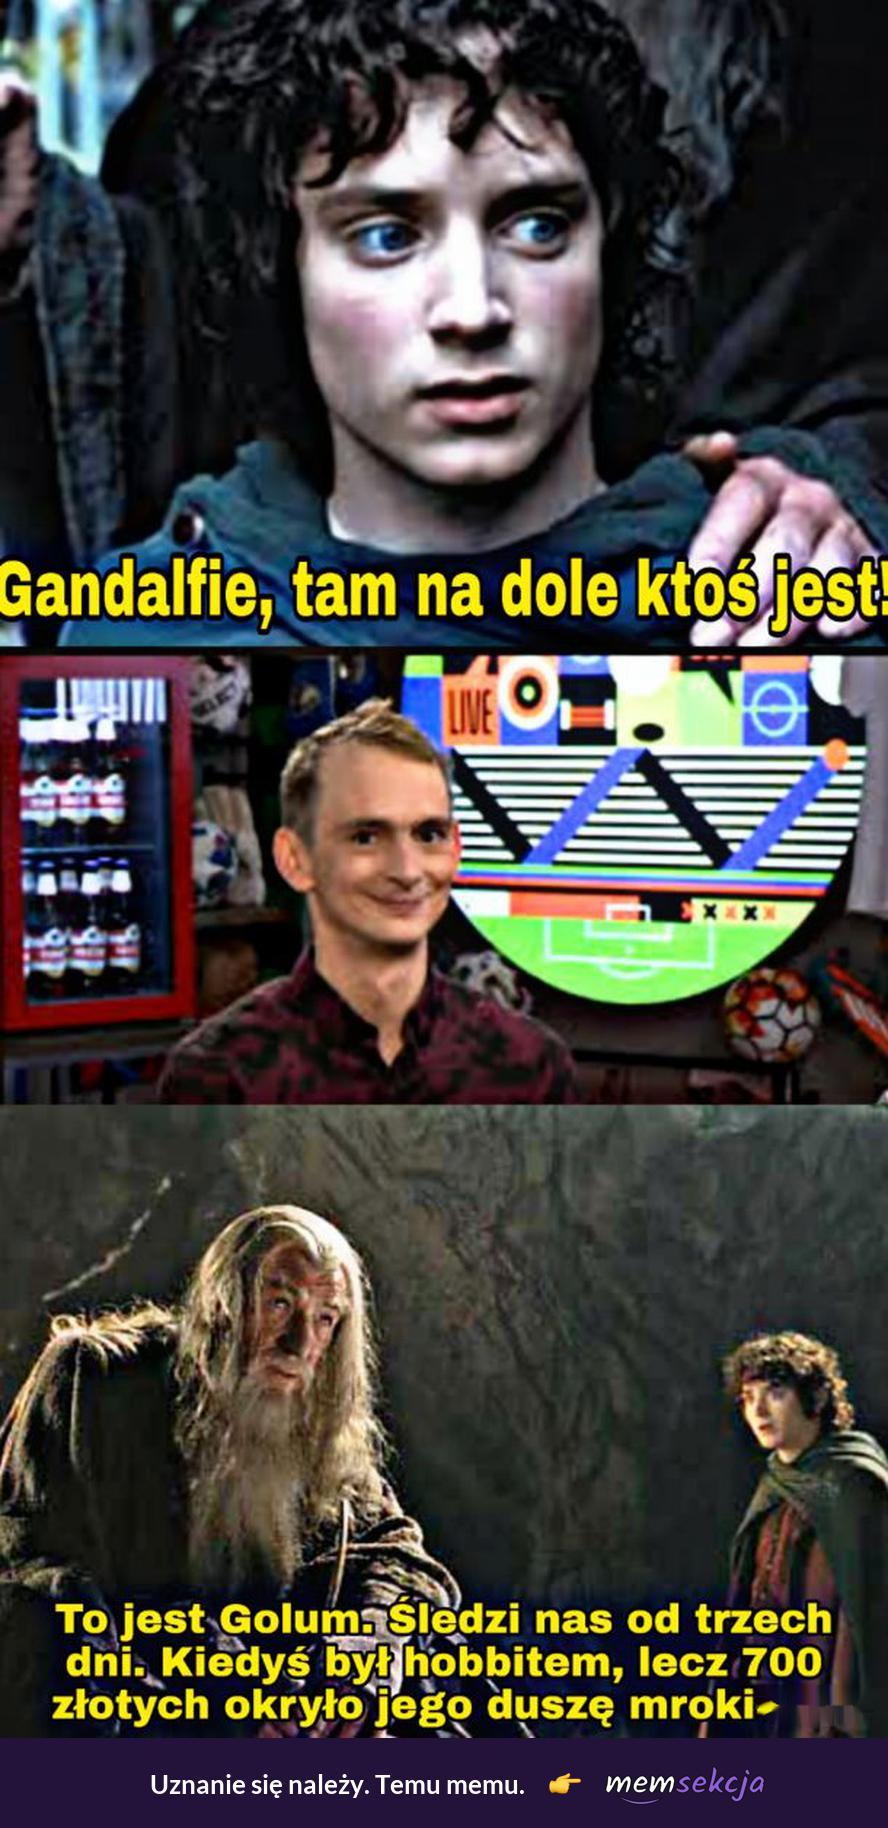 Gandalfie tam na dole ktoś jest. Władca pierścieni. Gandalf. Frodo. Jaś  Kapela